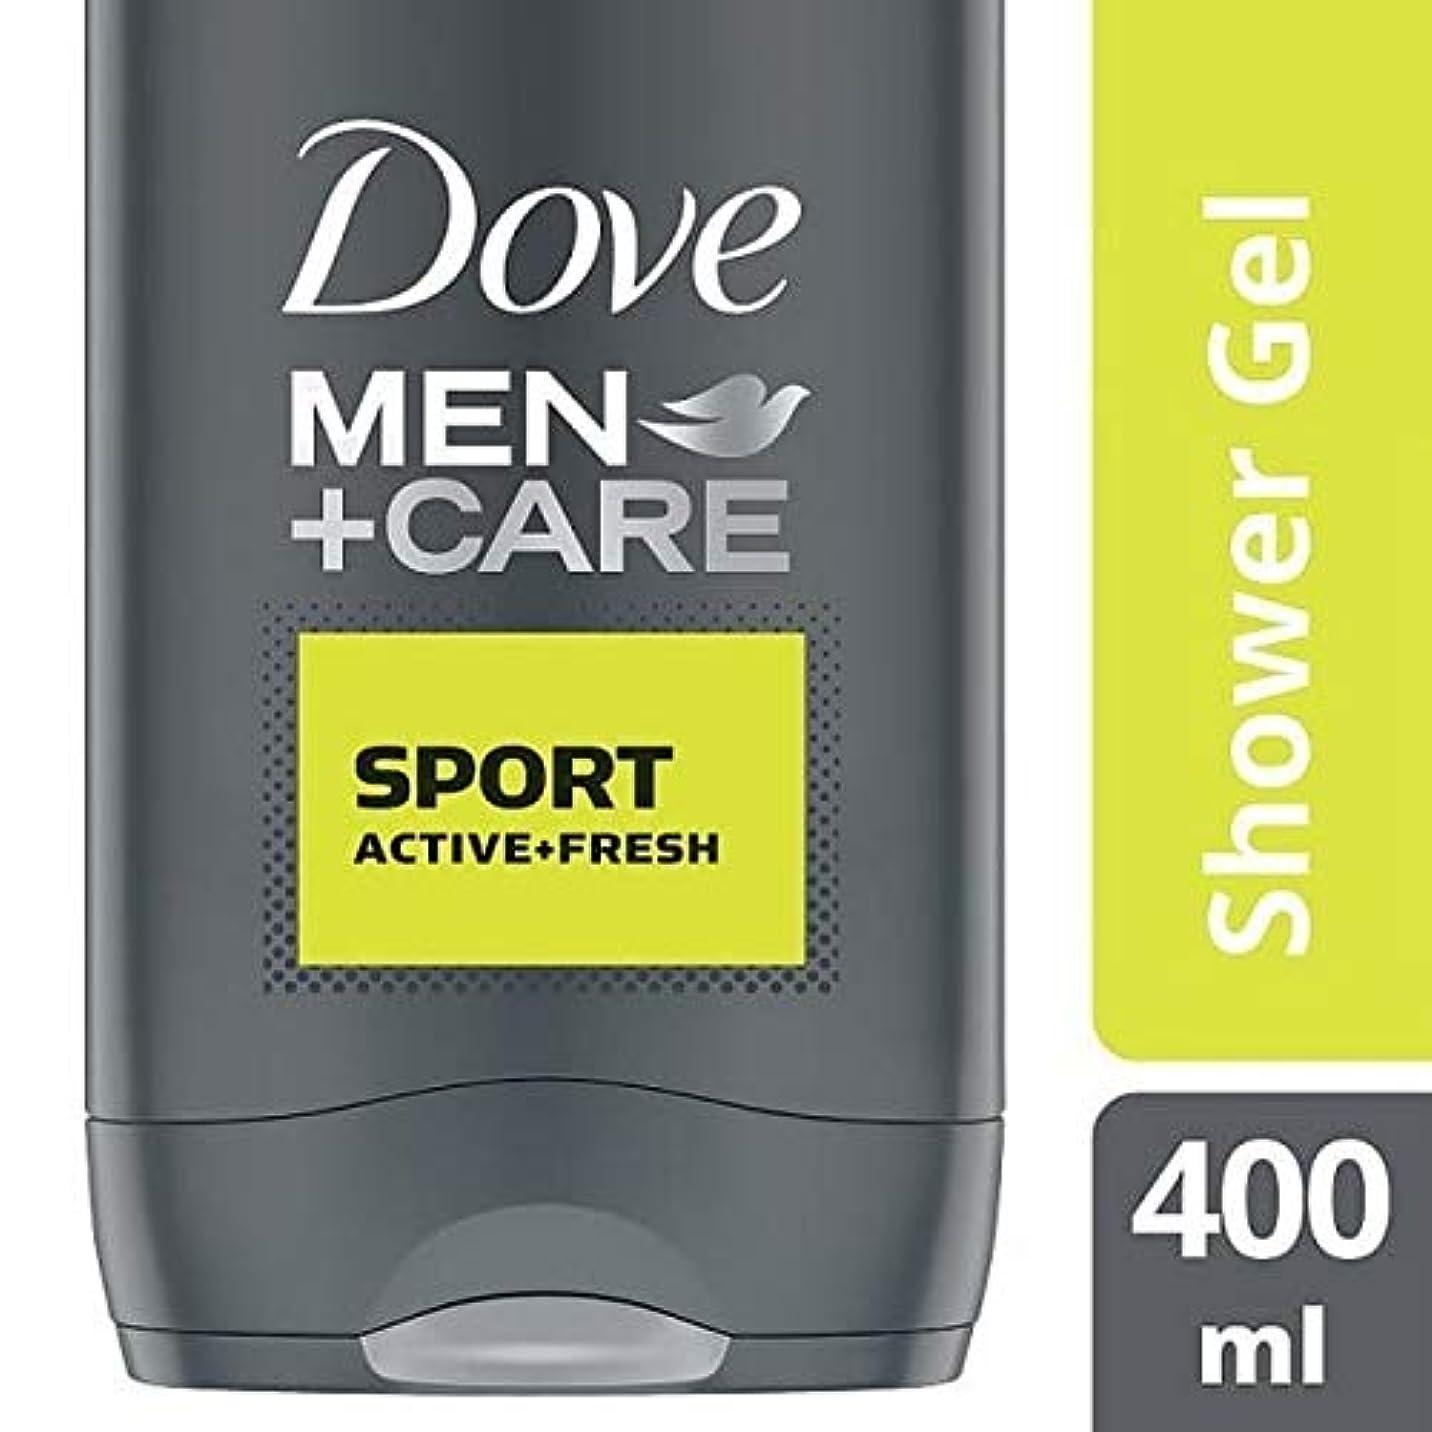 スクラブ太陽インド[Dove ] 鳩の男性+ケアスポーツアクティブ&フレッシュボディウォッシュ400ミリリットル - Dove Men + Care Sport Active & Fresh Bodywash 400ml [並行輸入品]